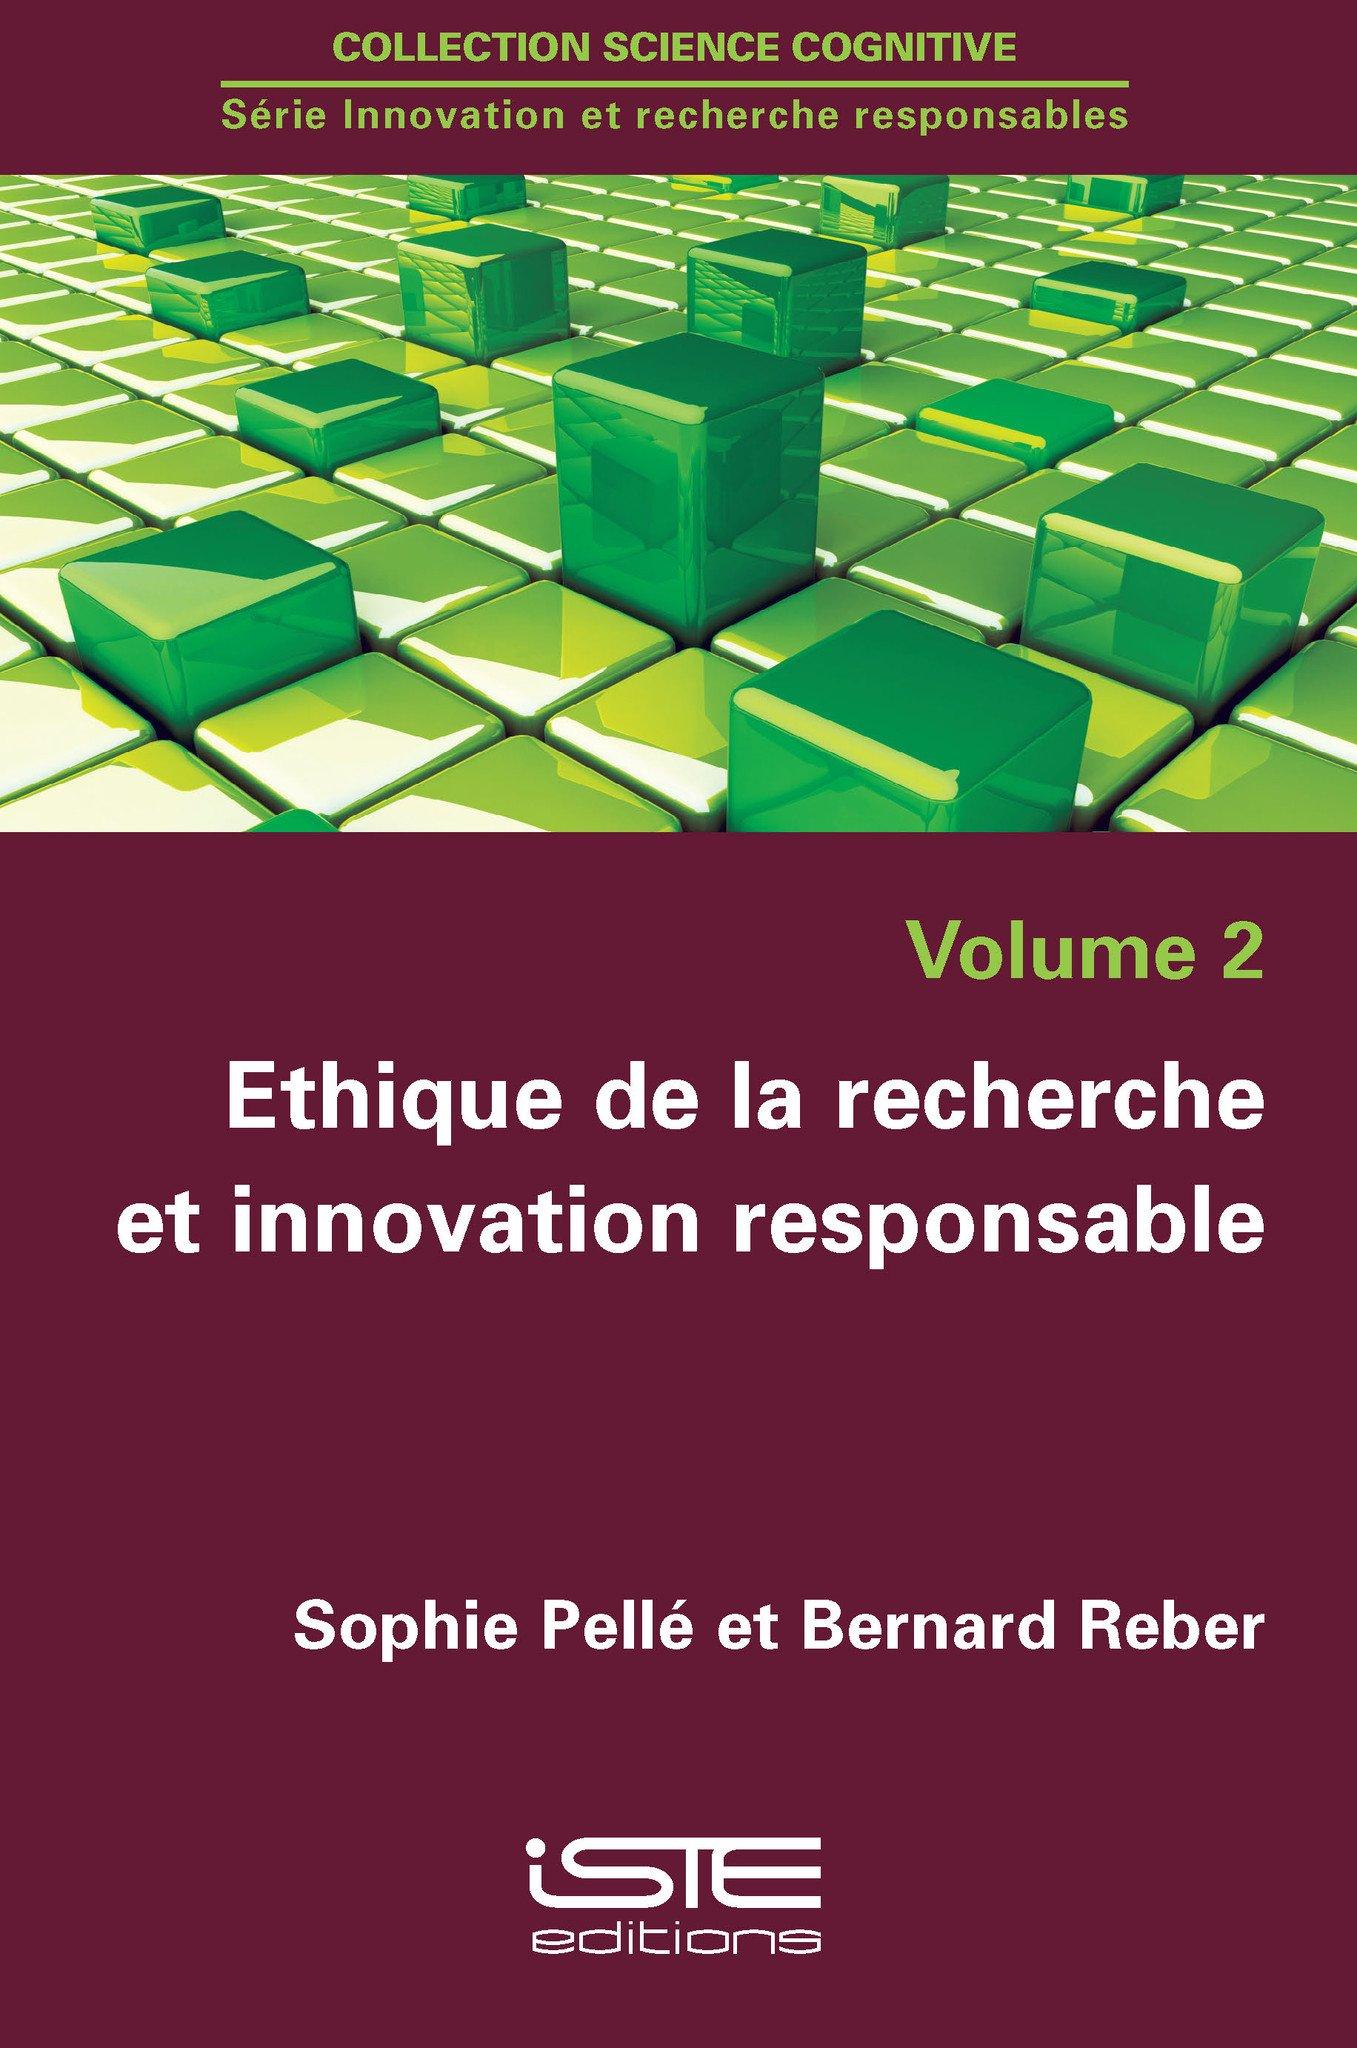 Ethique de la recherche et innovation responsable